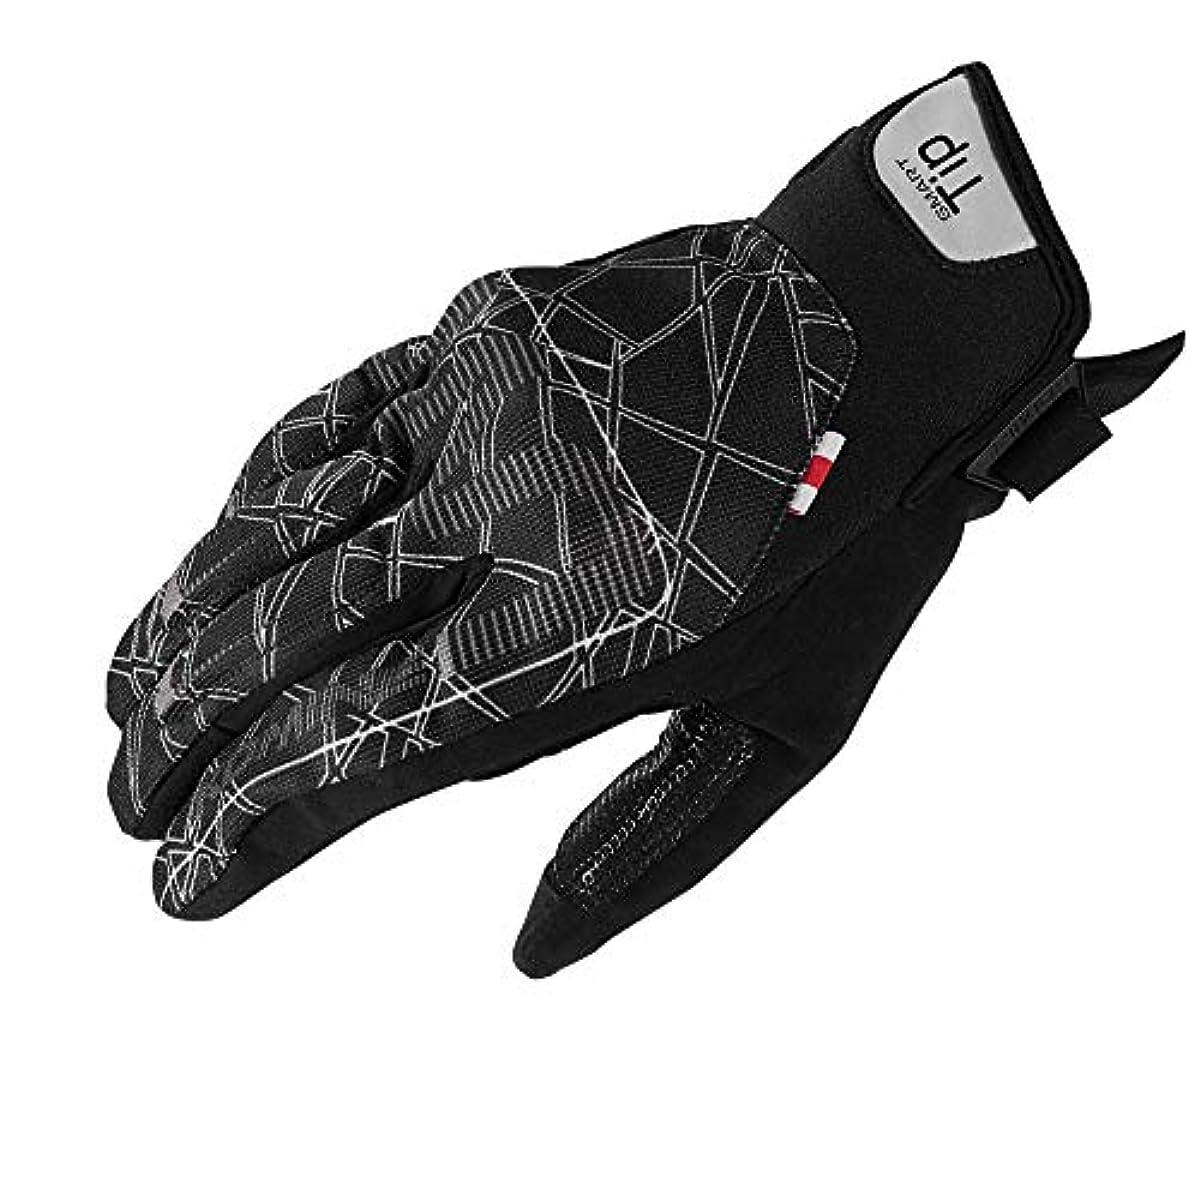 [해외] 코미네(KOMINE) 오토바이 CE 프로텍트 메쉬 글러브 프로텍터 통기성 CRUSH BLACK L GK-225 06-225